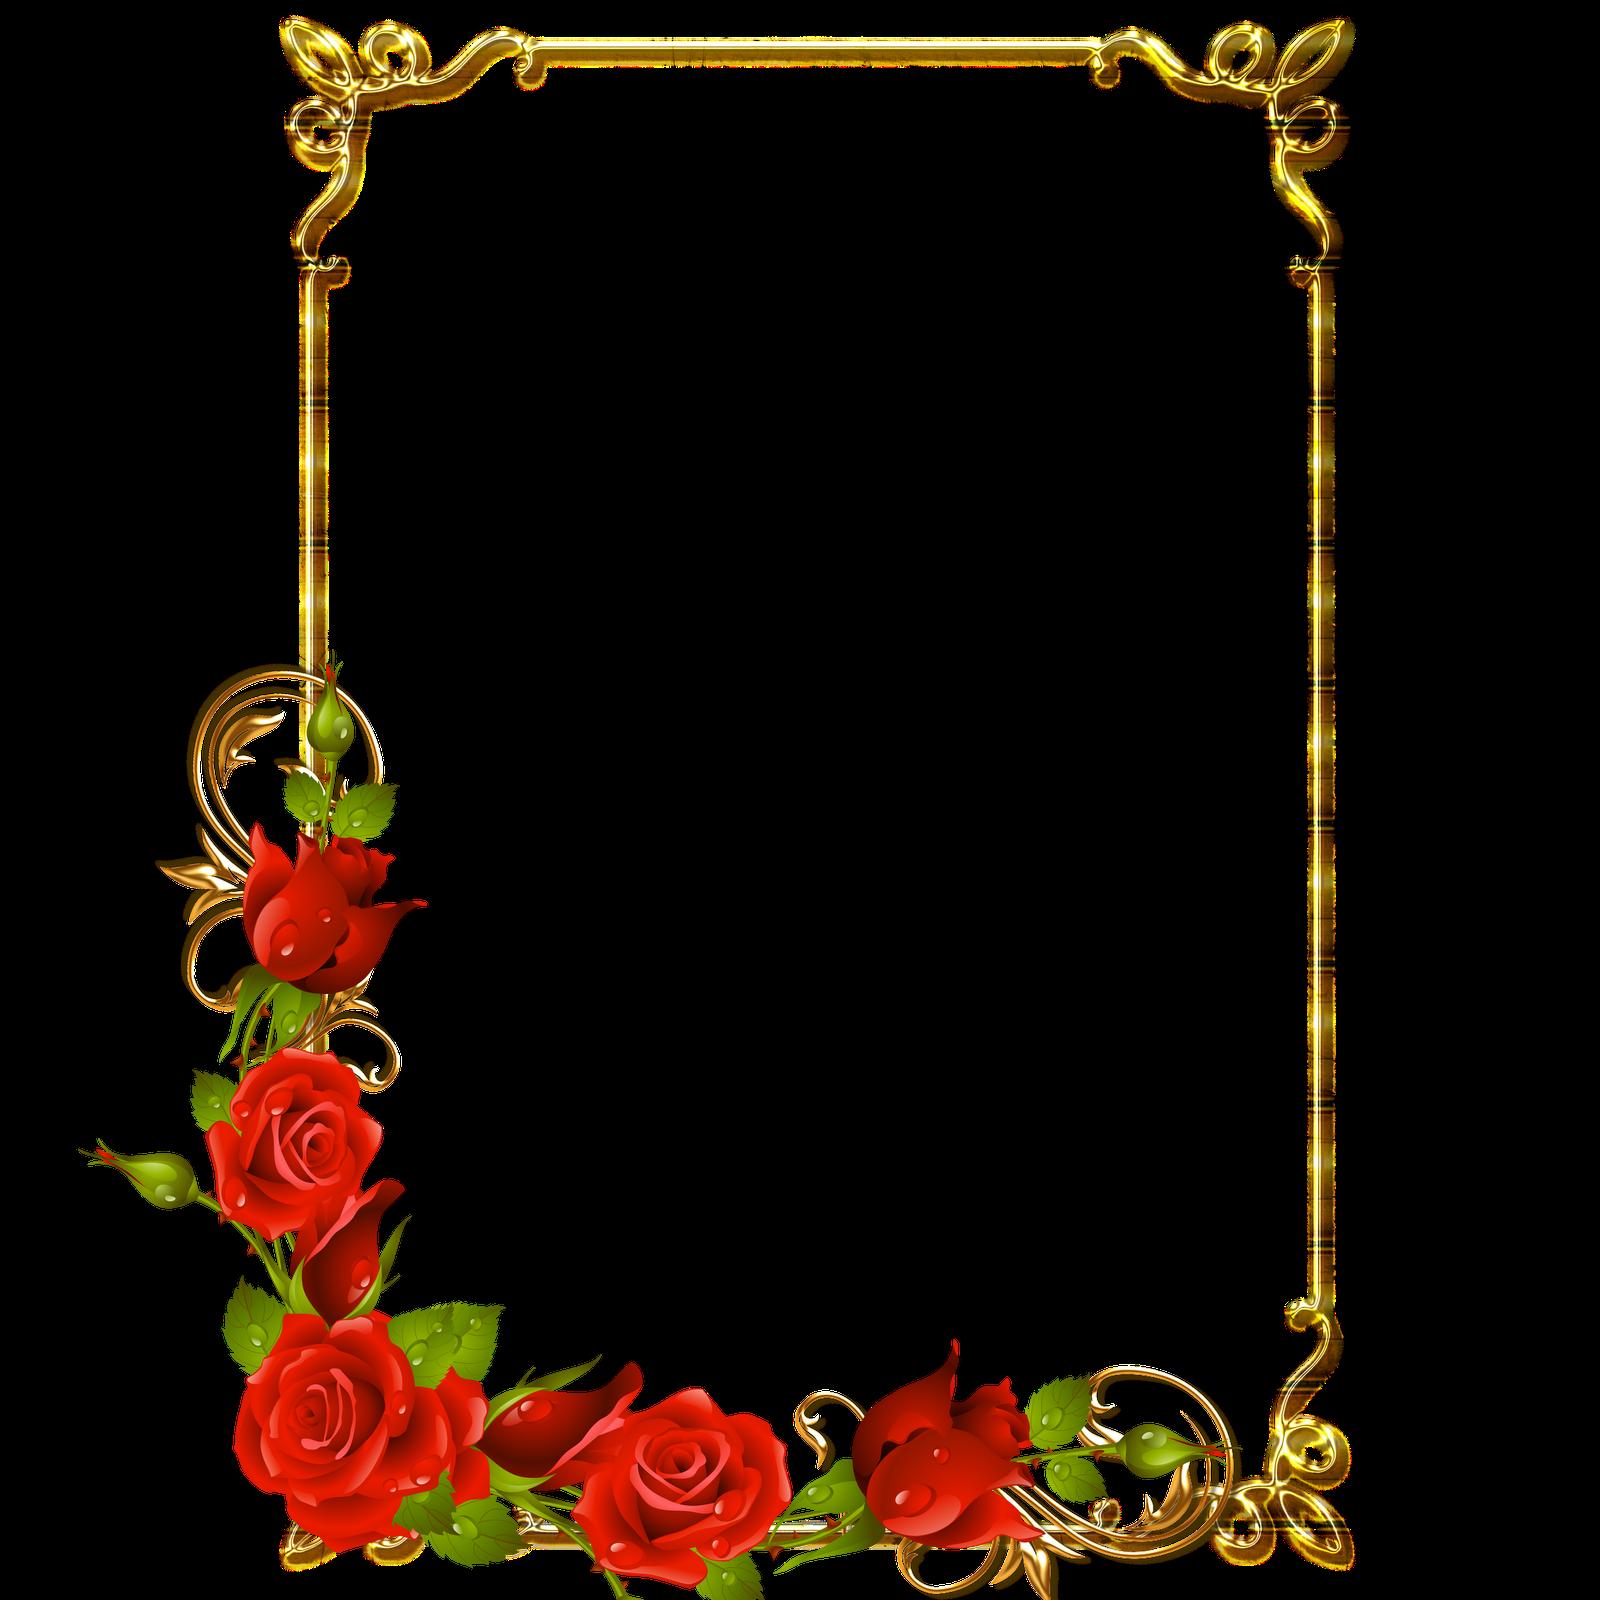 An Elegant And Sustainable Florida Home With Fantastic Views: Central Photoshop: Frames PNG Douradas Com Rosa Vermelhas